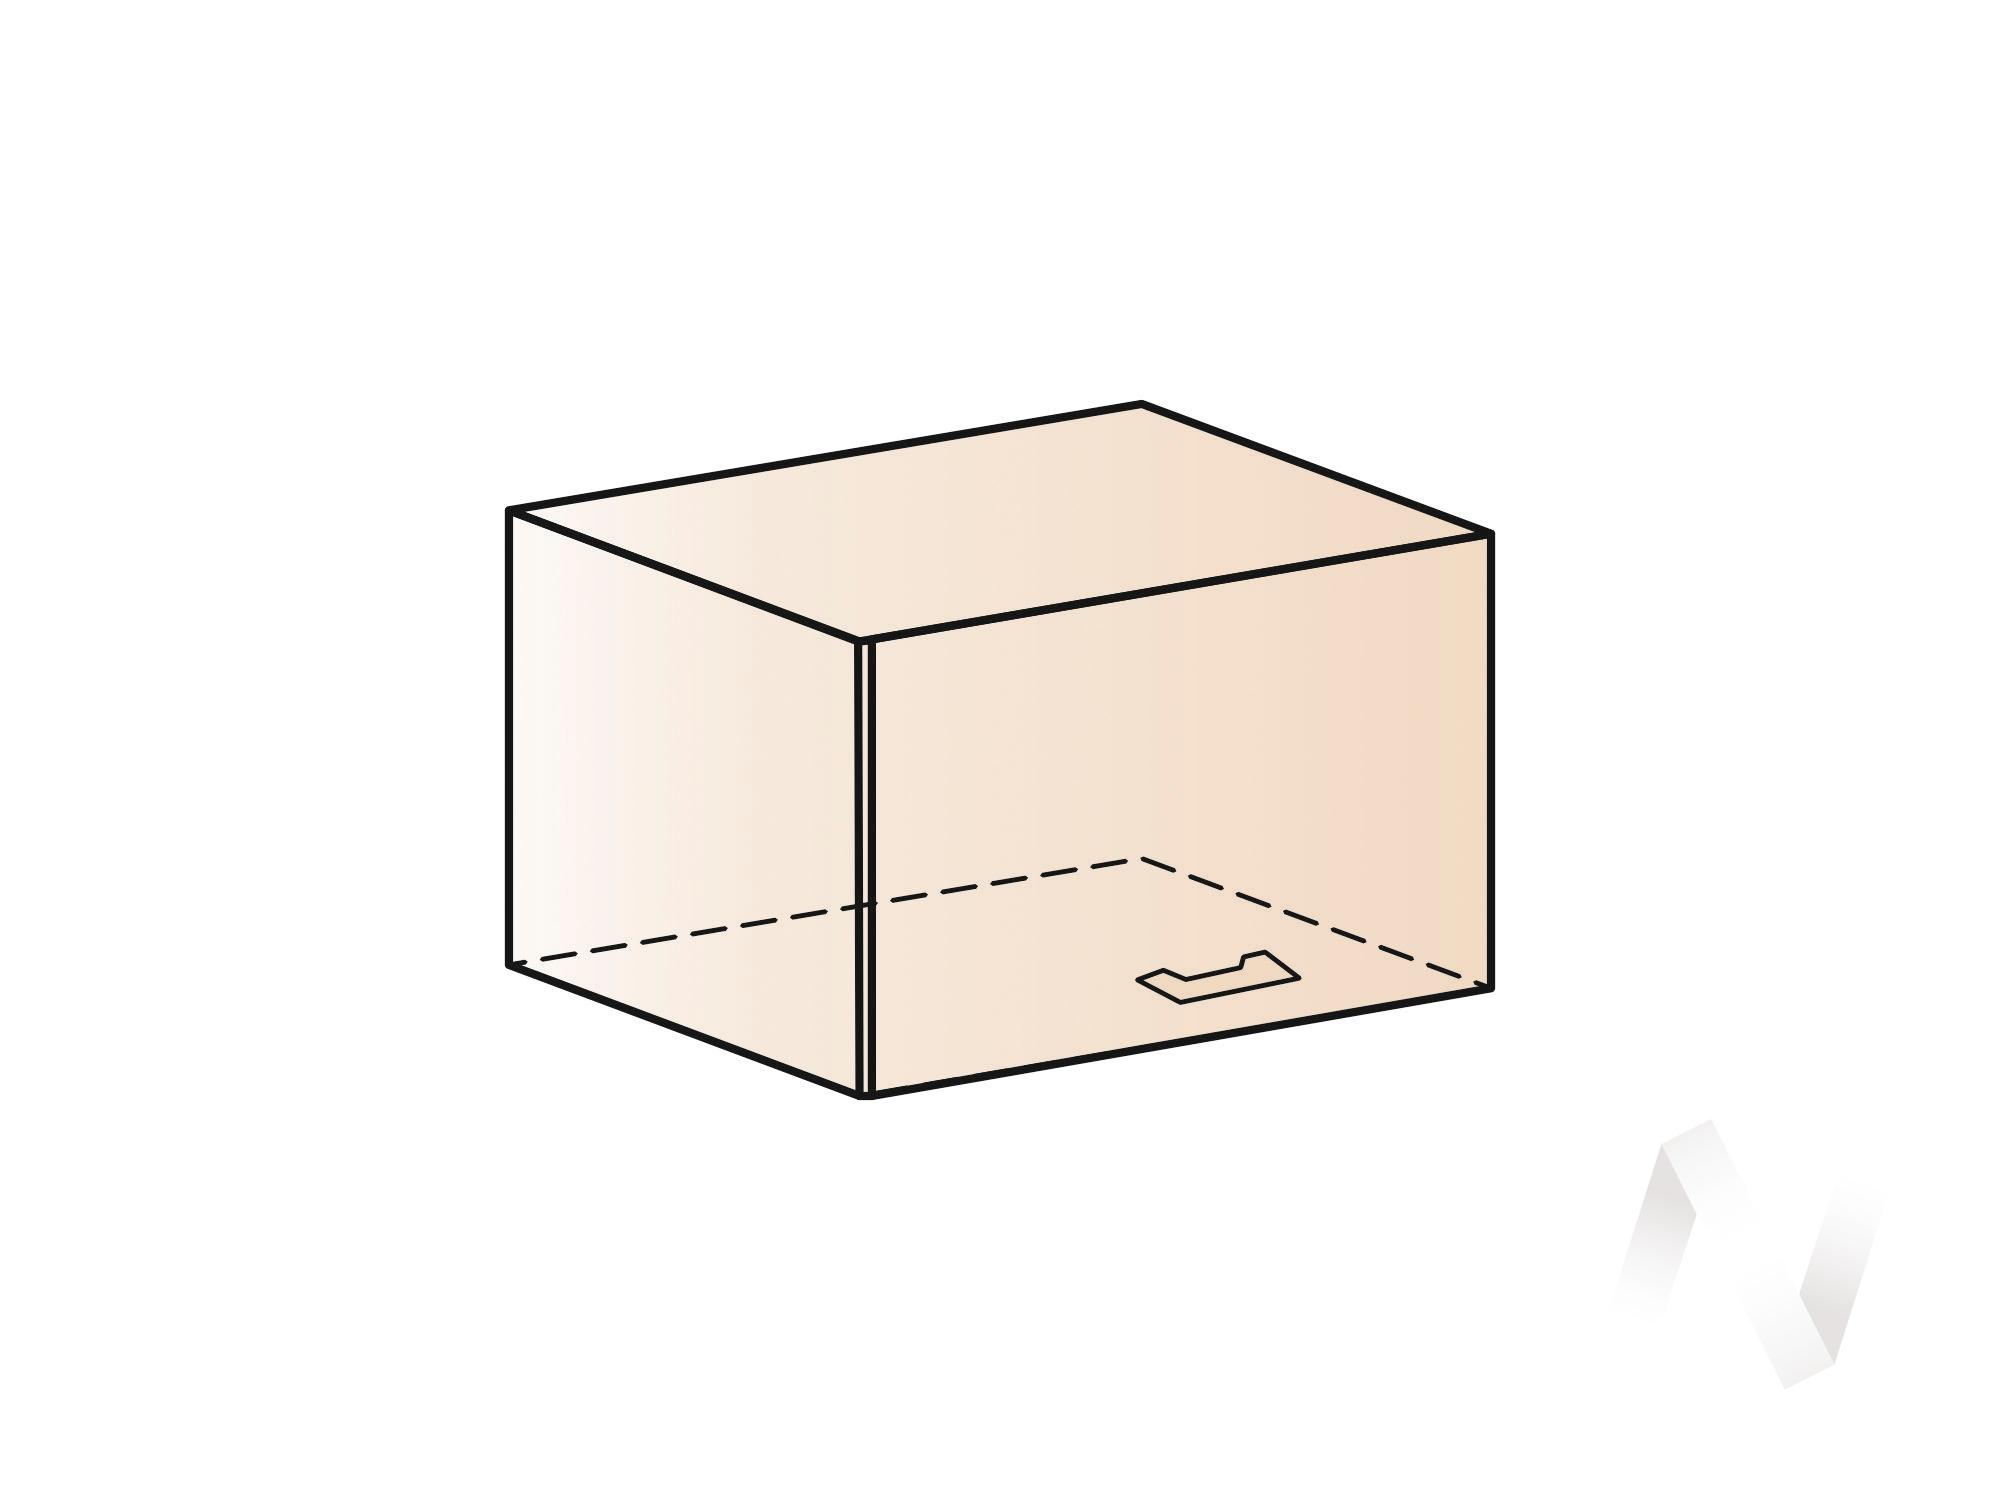 """Кухня """"Люкс"""": Шкаф верхний горизонтальный 600, ШВГ 600 (Шелк венге/корпус белый) в Новосибирске в интернет-магазине мебели kuhnya54.ru"""